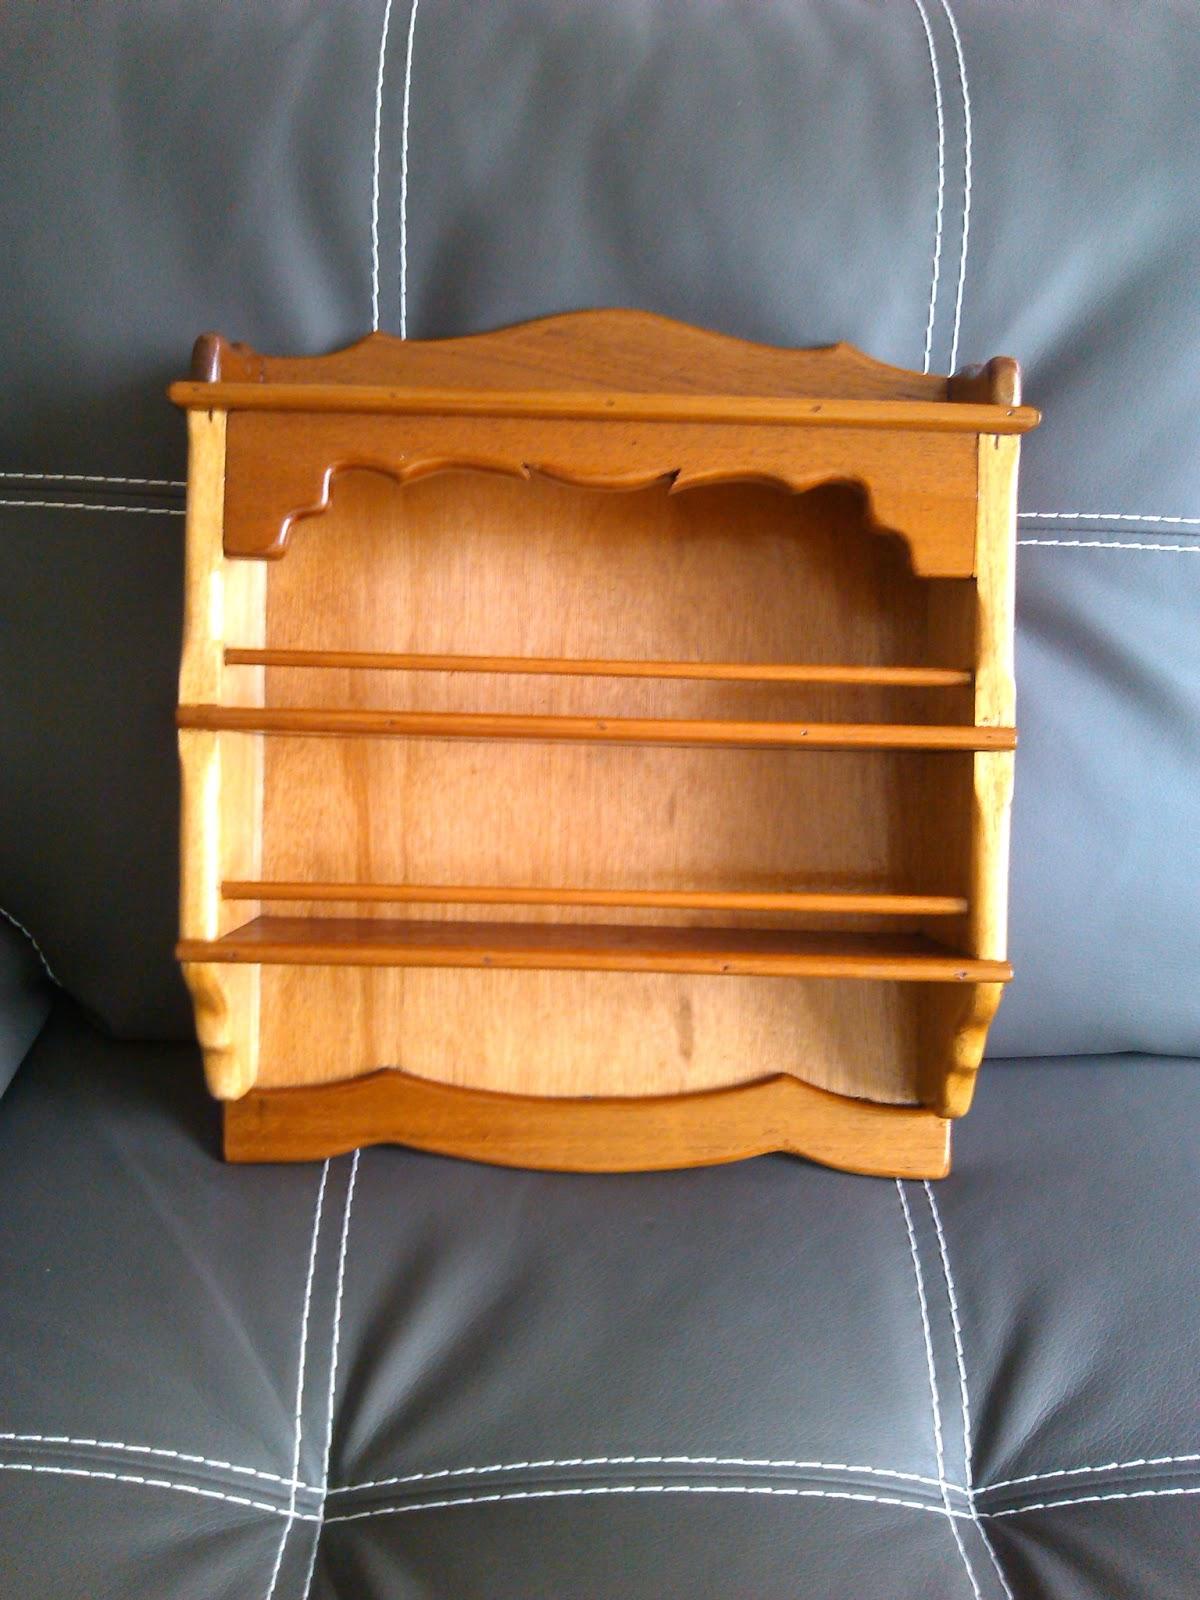 Todo de madera especieros de madera - Fotos en madera ...